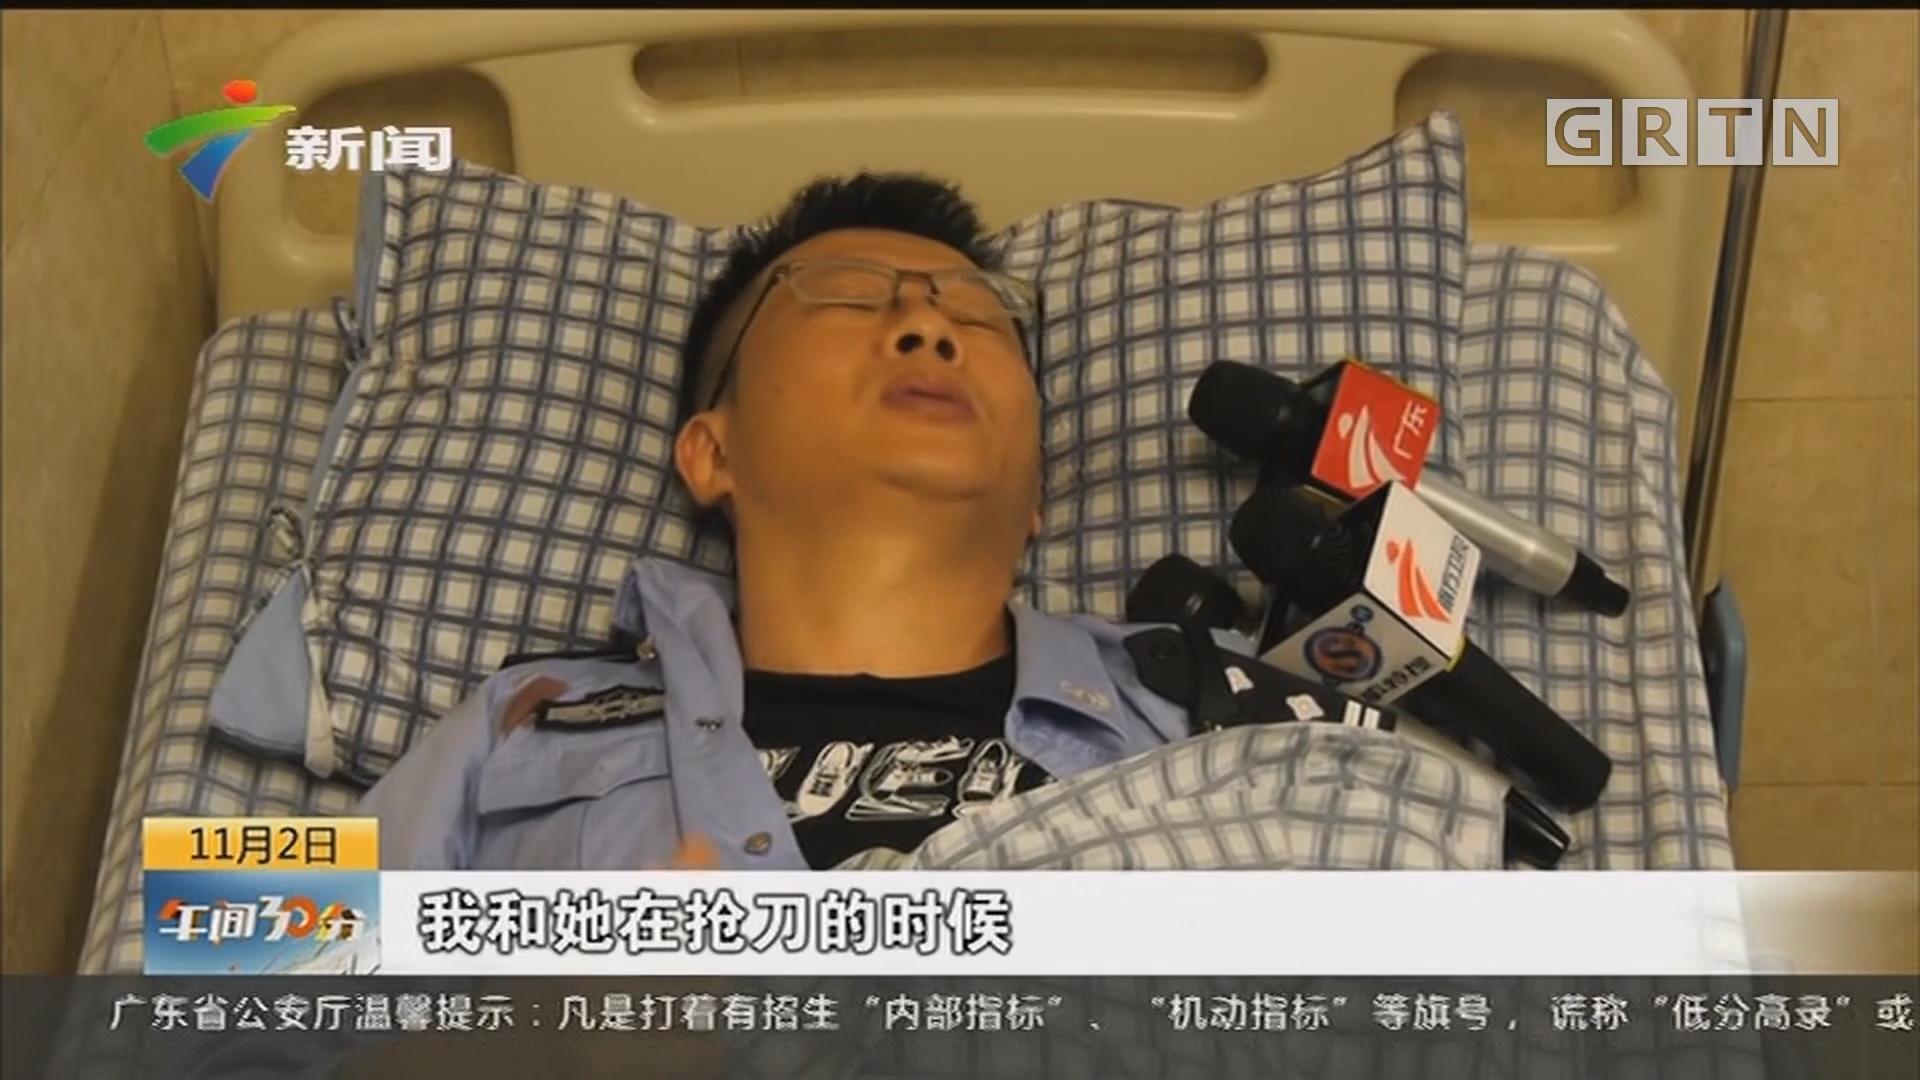 广州:女子持刀欲轻生殉情 民警夺刀相救被刺伤